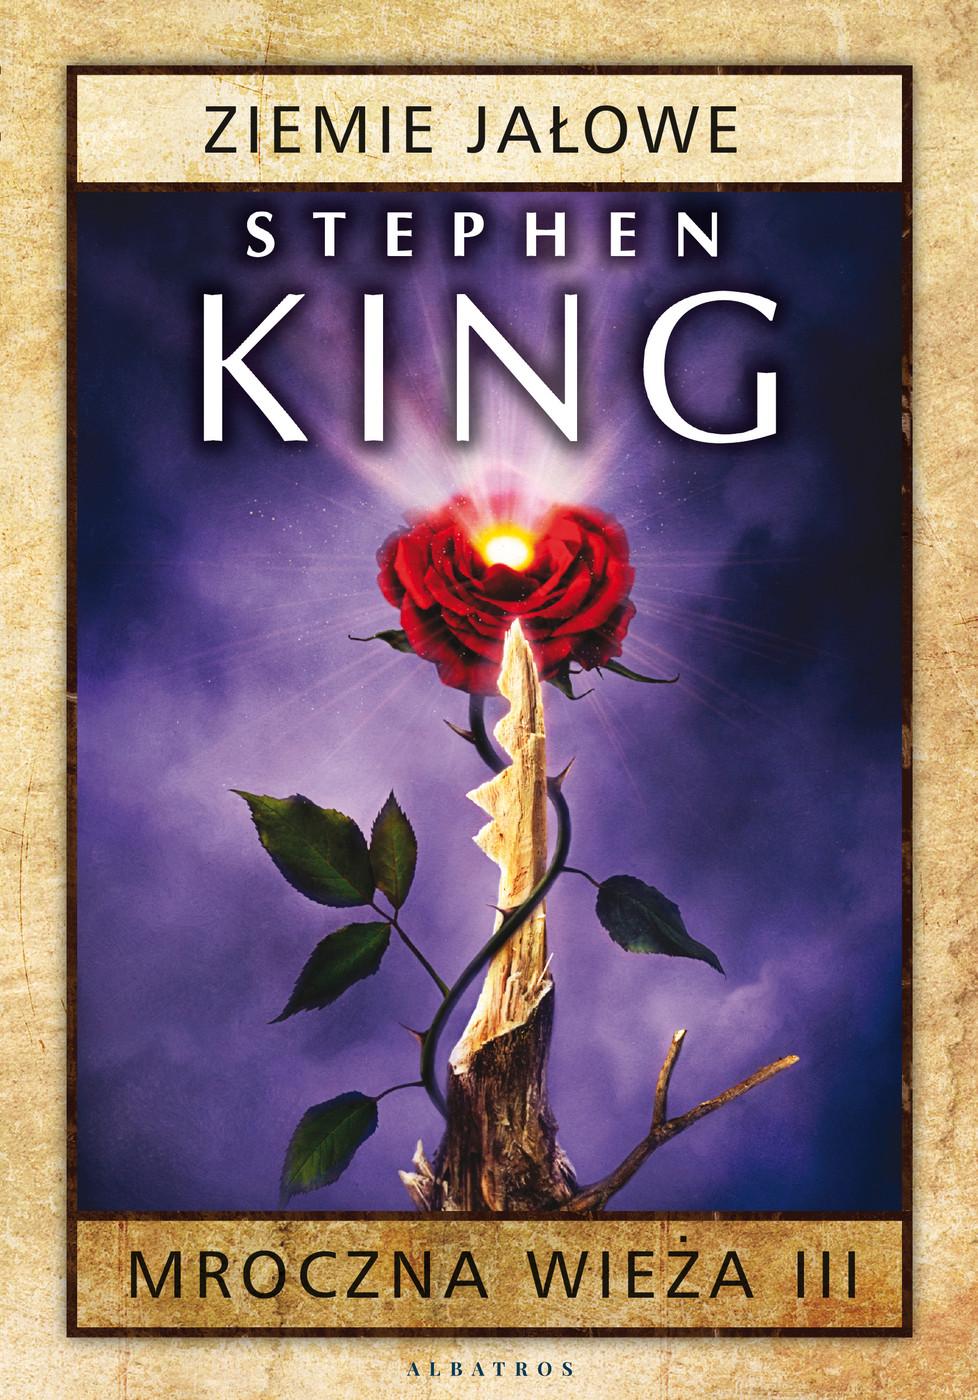 Mroczna Wieża III: Ziemie jałowe ebook